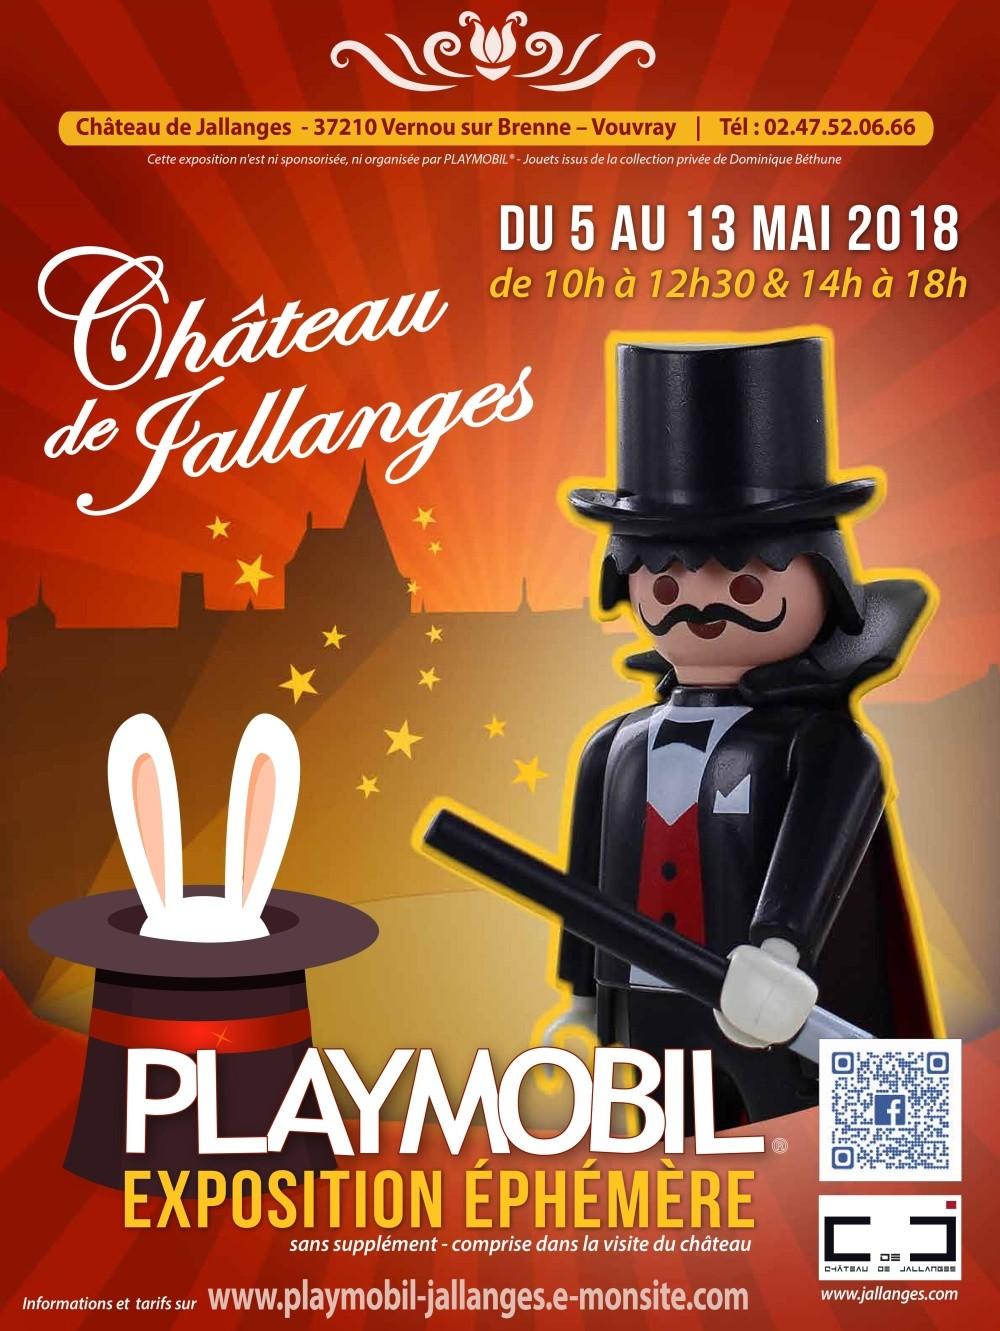 Exposition playmobil au chateau de jallanges mai 2018